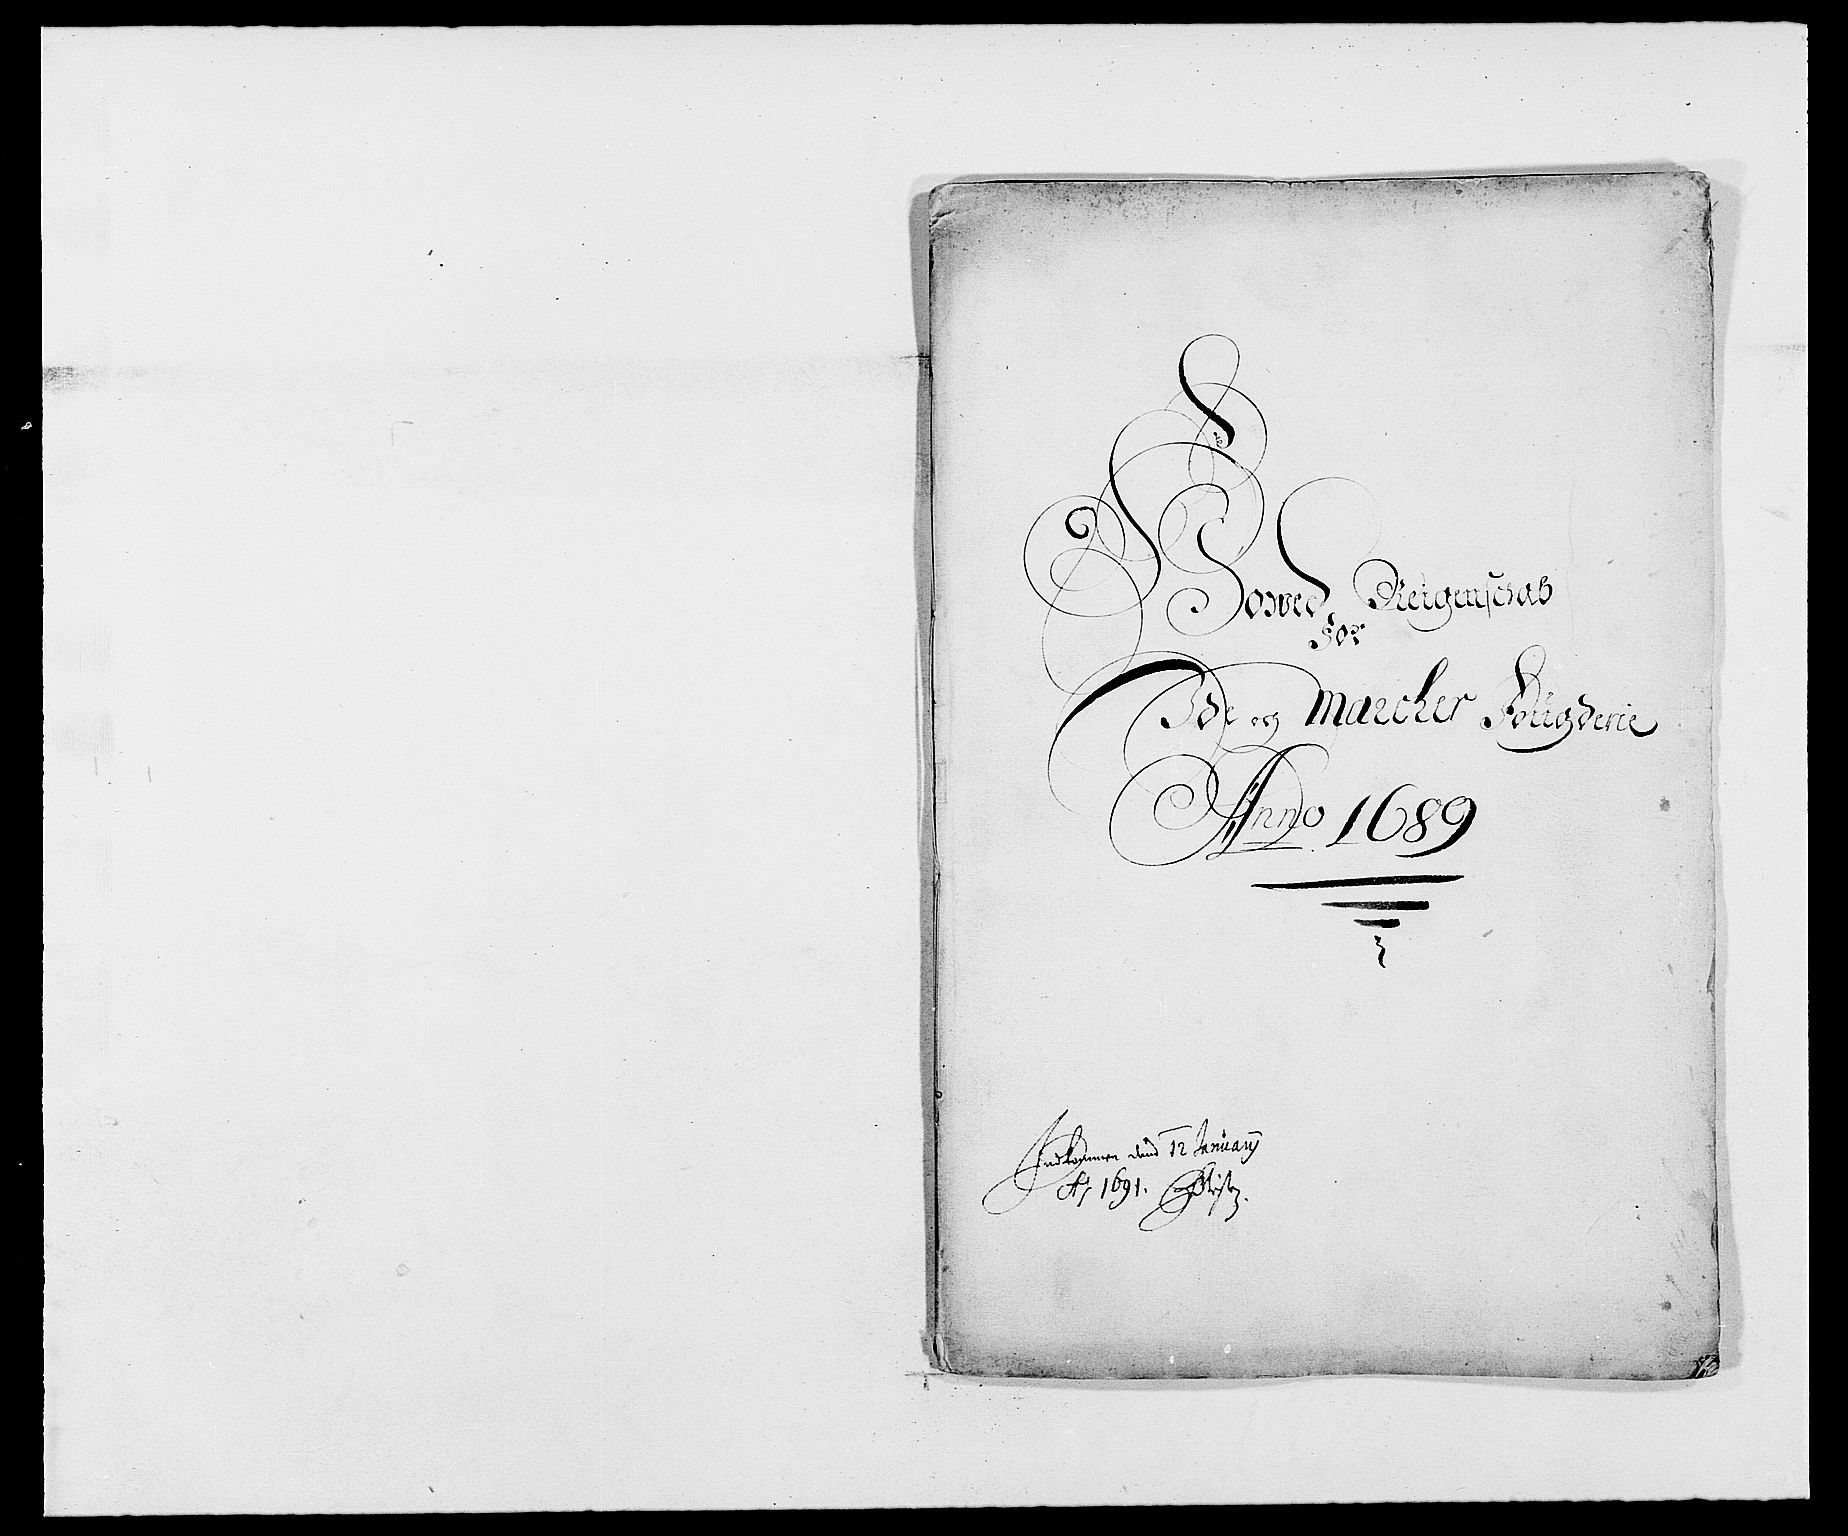 RA, Rentekammeret inntil 1814, Reviderte regnskaper, Fogderegnskap, R01/L0008: Fogderegnskap Idd og Marker, 1689, s. 2